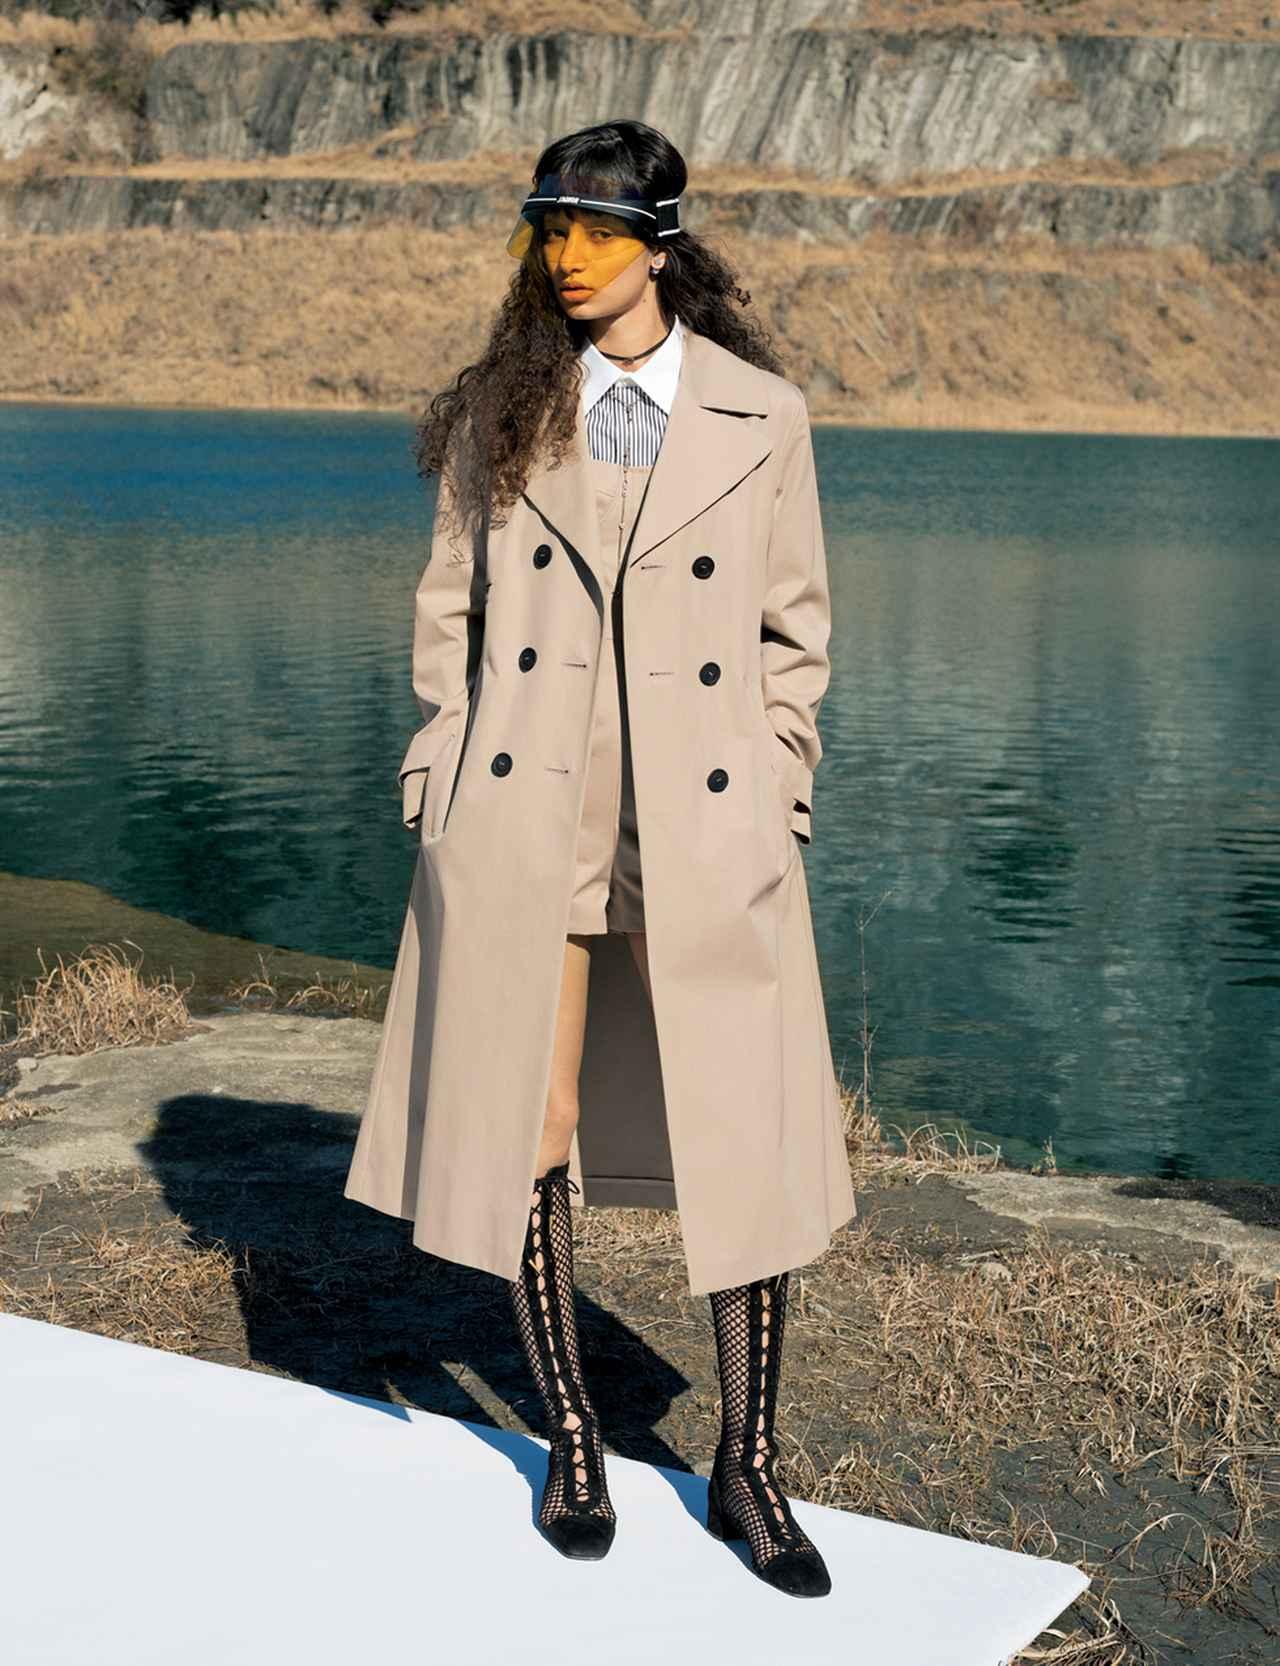 画像 : 4番目の画像 - 「トレンチコートの多様性」のアルバム - T JAPAN:The New York Times Style Magazine 公式サイト